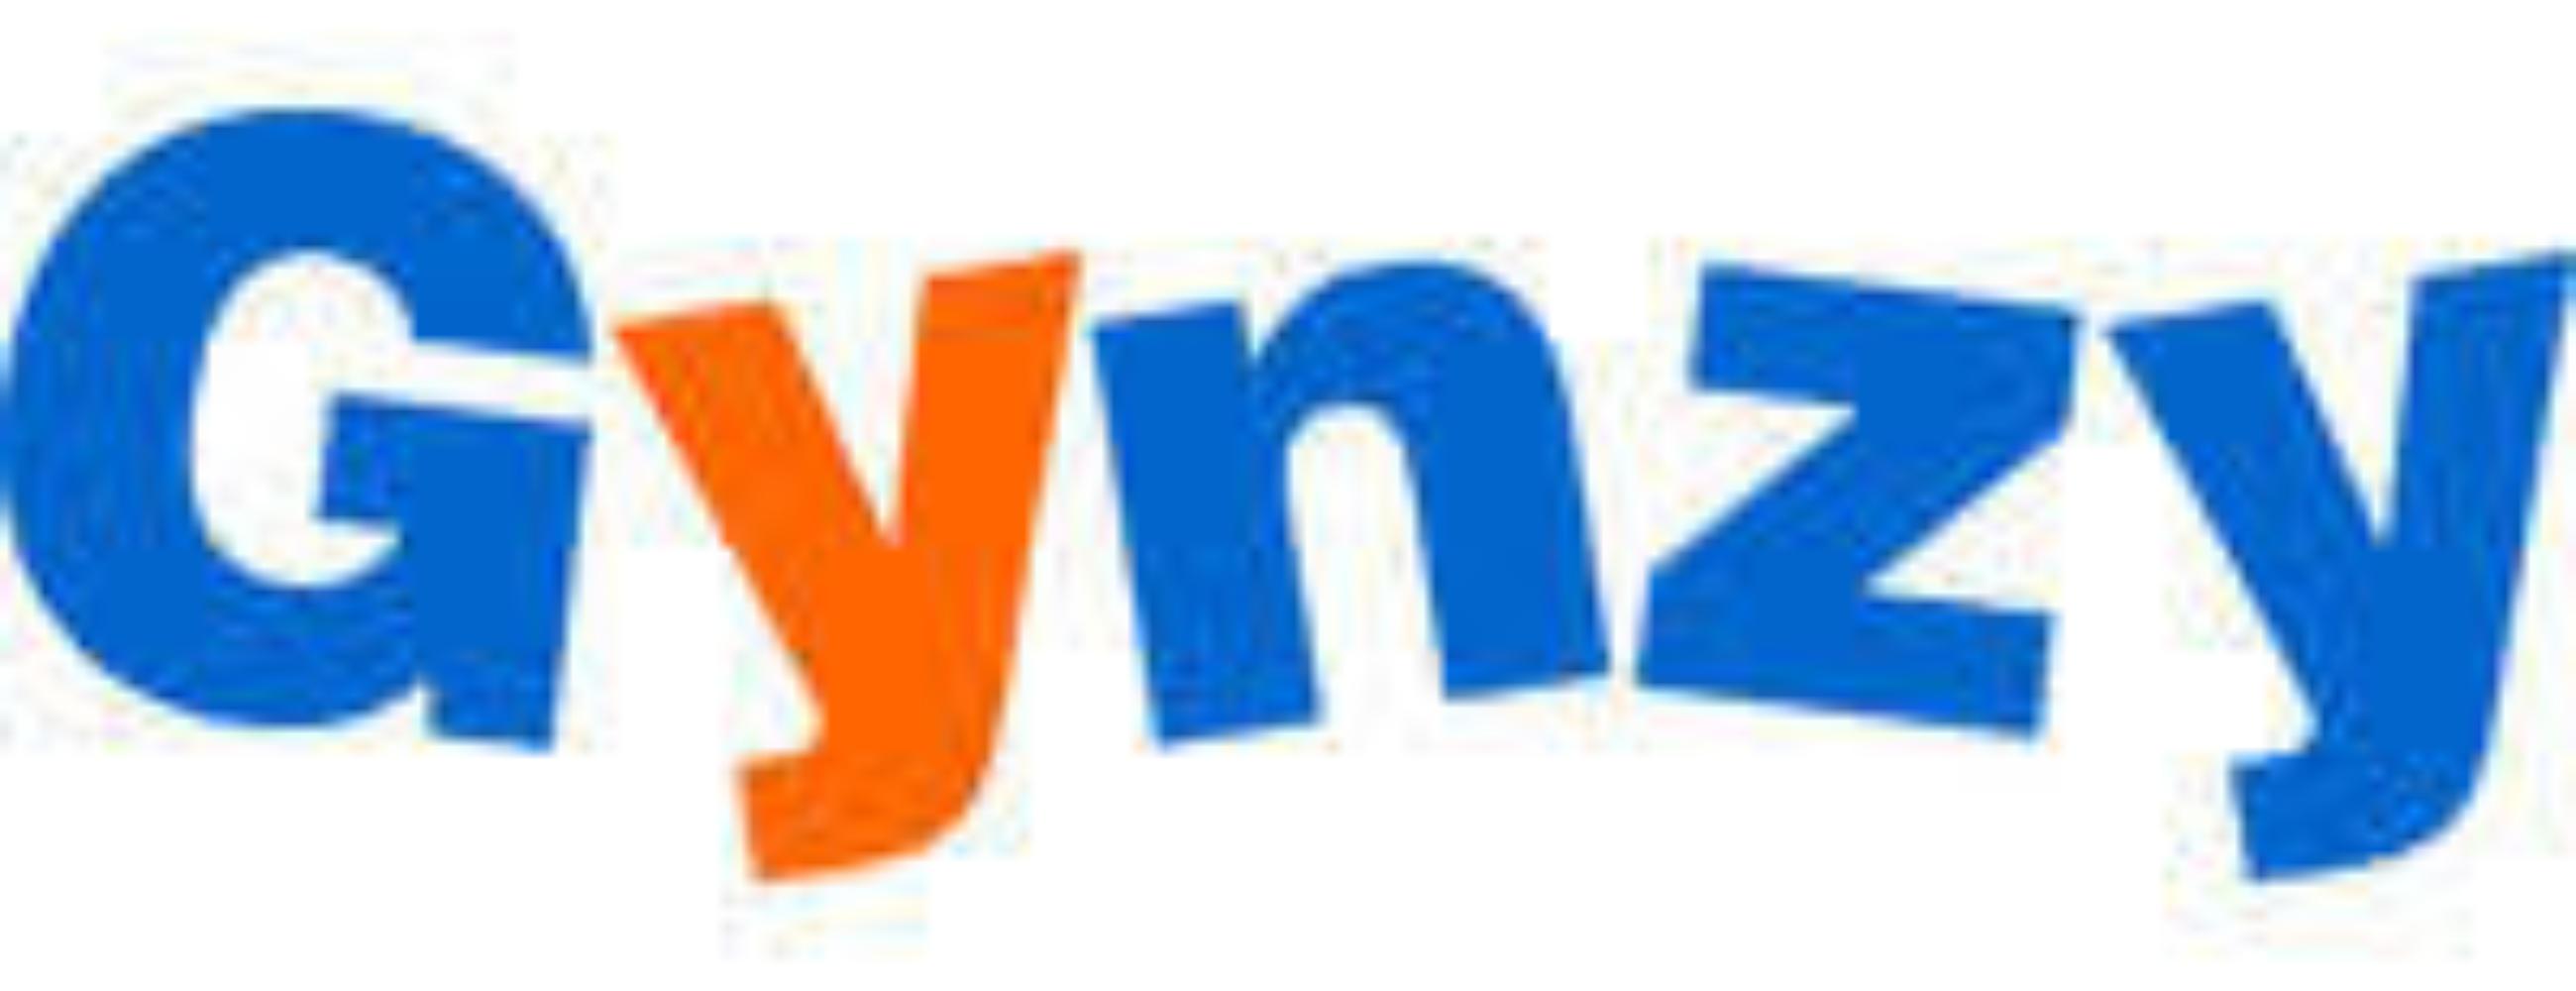 Gynzy_Silopschool-logo.jpg